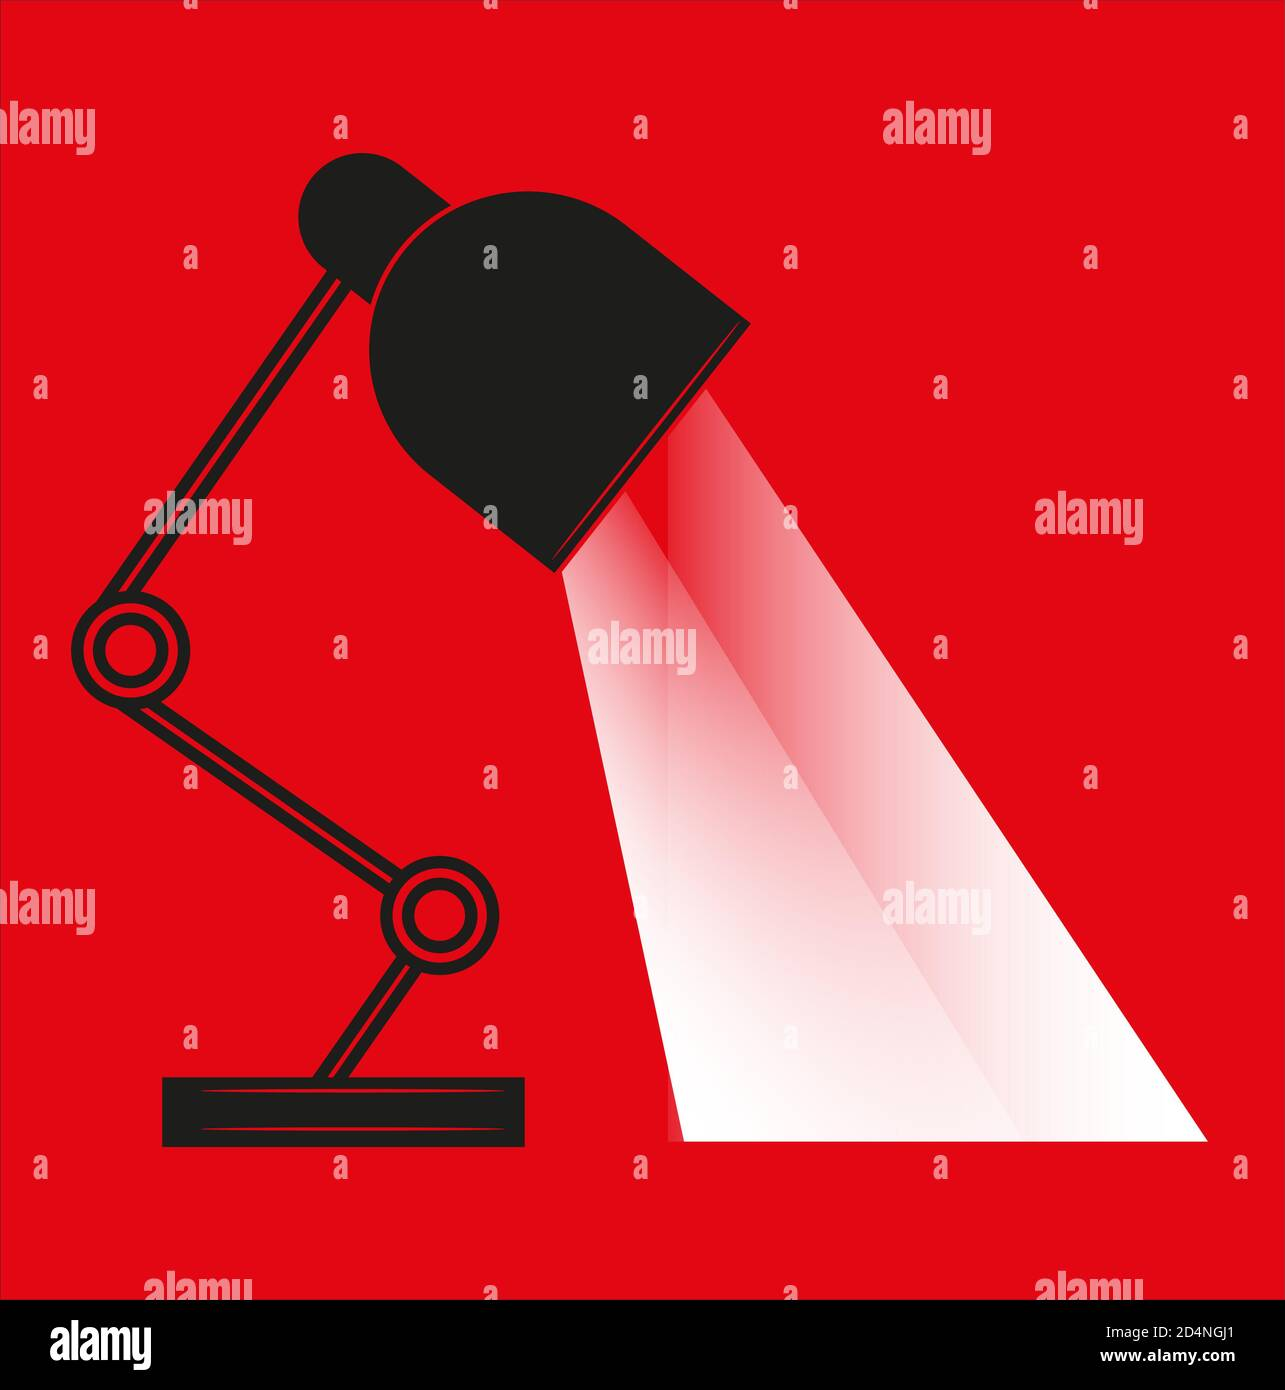 Lámpara de mesa ilustración vectorial diseño plano con ejes de luz aislados sobre un fondo rojo. Ilustración del Vector